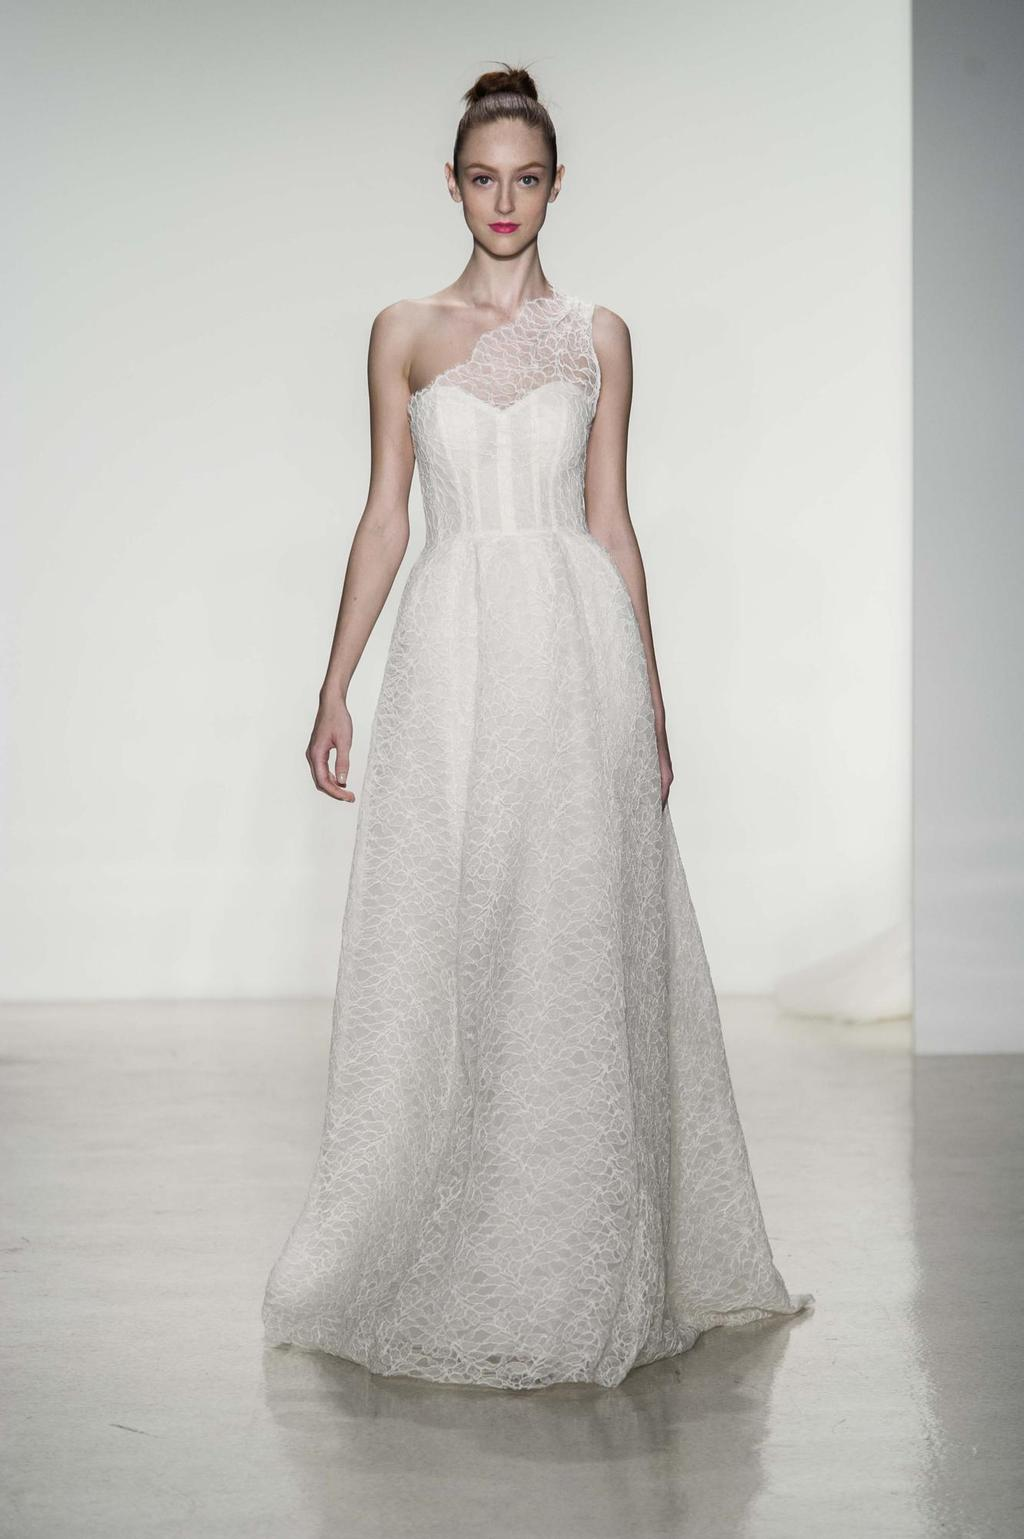 Skylar-wedding-dress-by-amsale-fall-2014-bridal.full